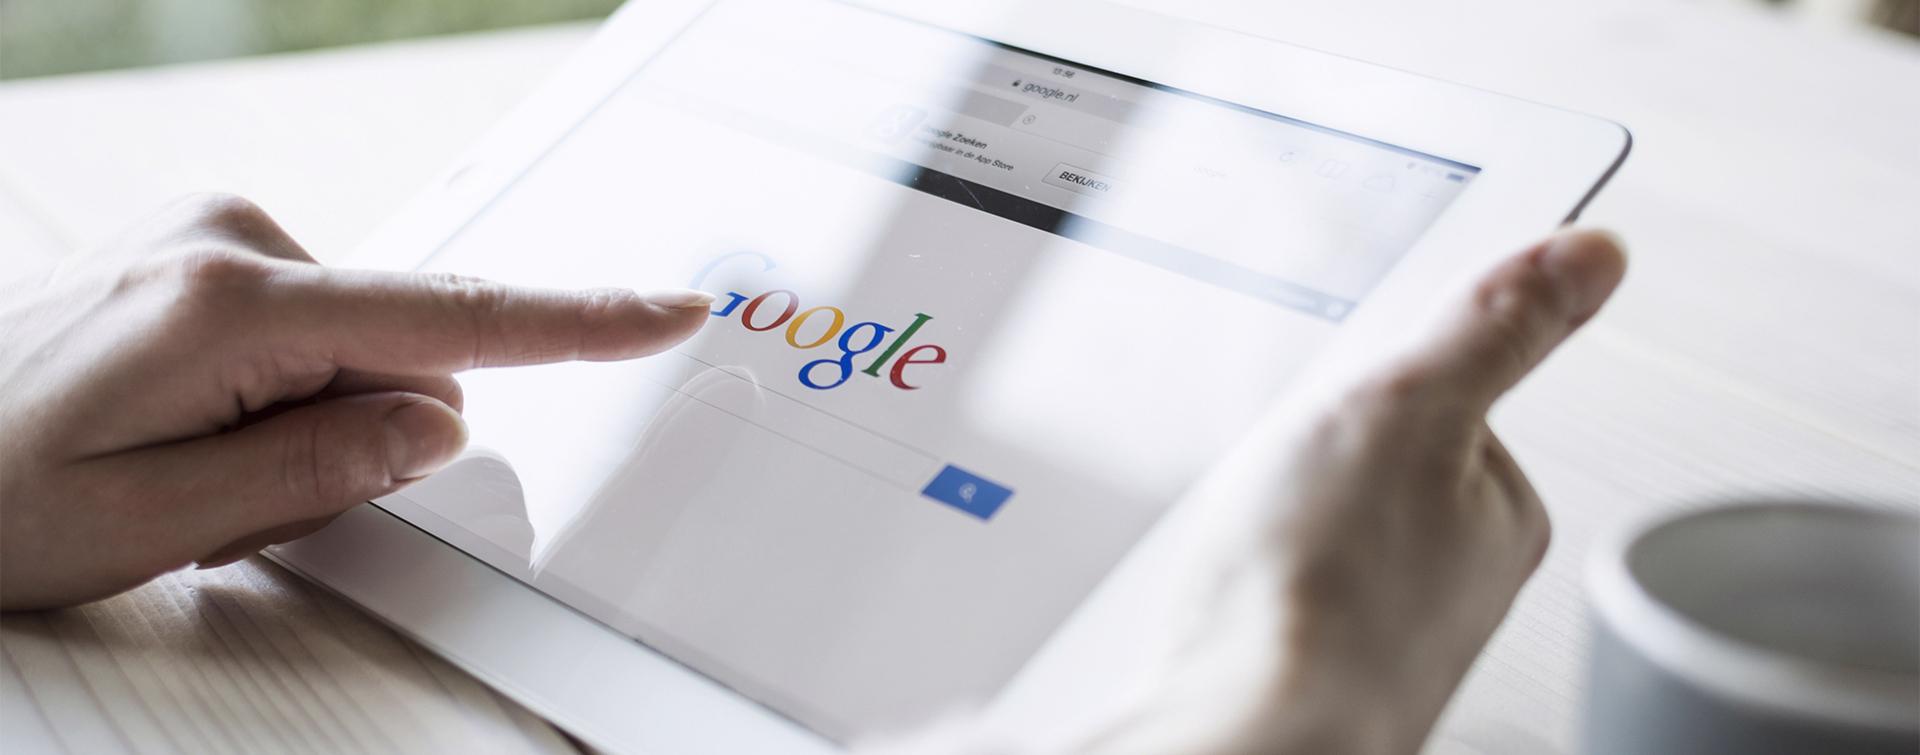 Jak wypozycjonować sklep internetowy w Google i pozyskiwać większą liczbę klientów